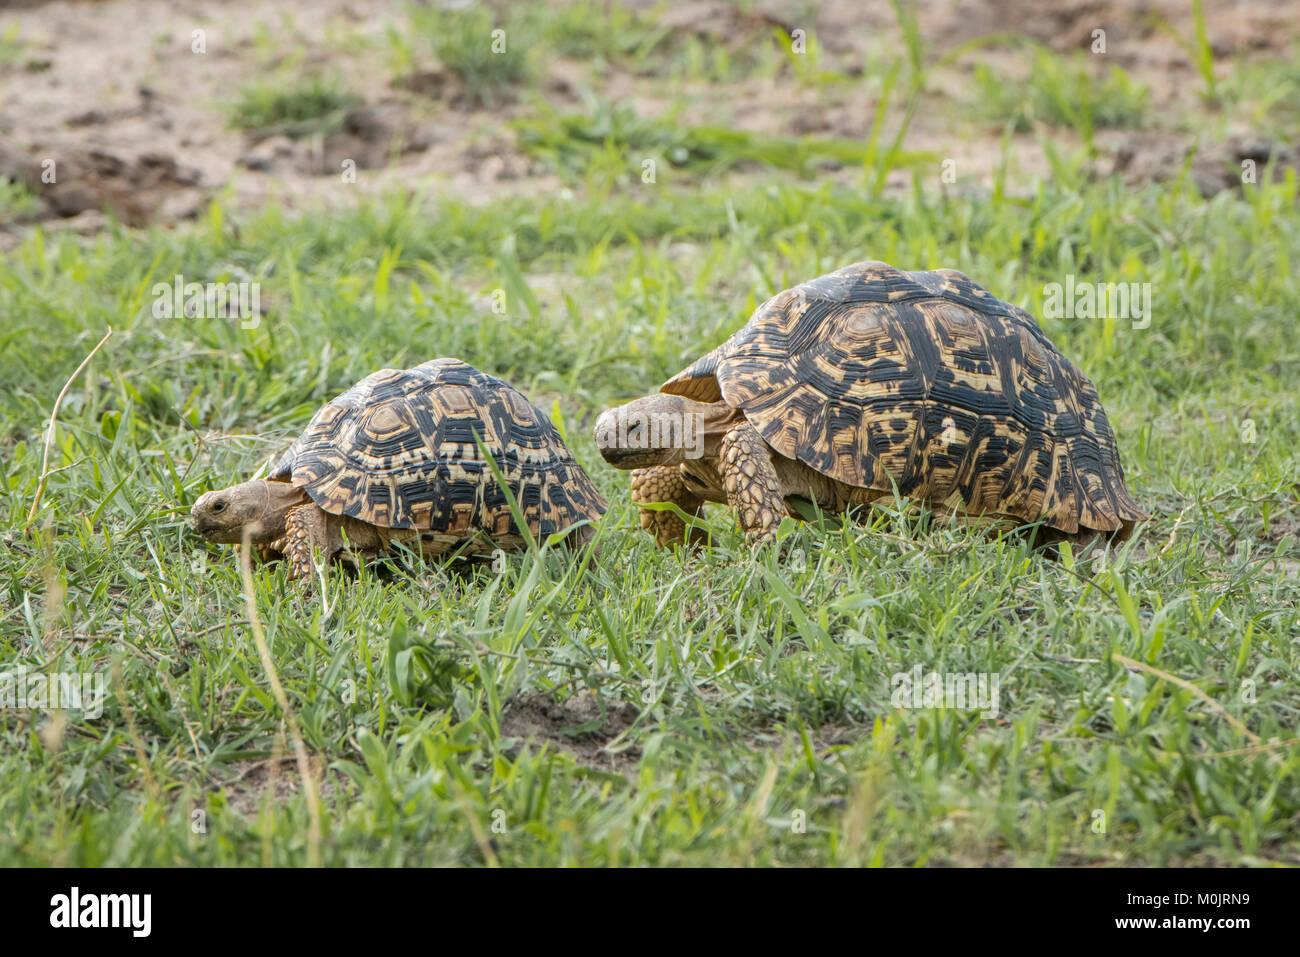 Tortues léopard (Stigmochelys pardalis) marcher dans une rangée, animal paire, rivière Chobe, avant Photo Stock